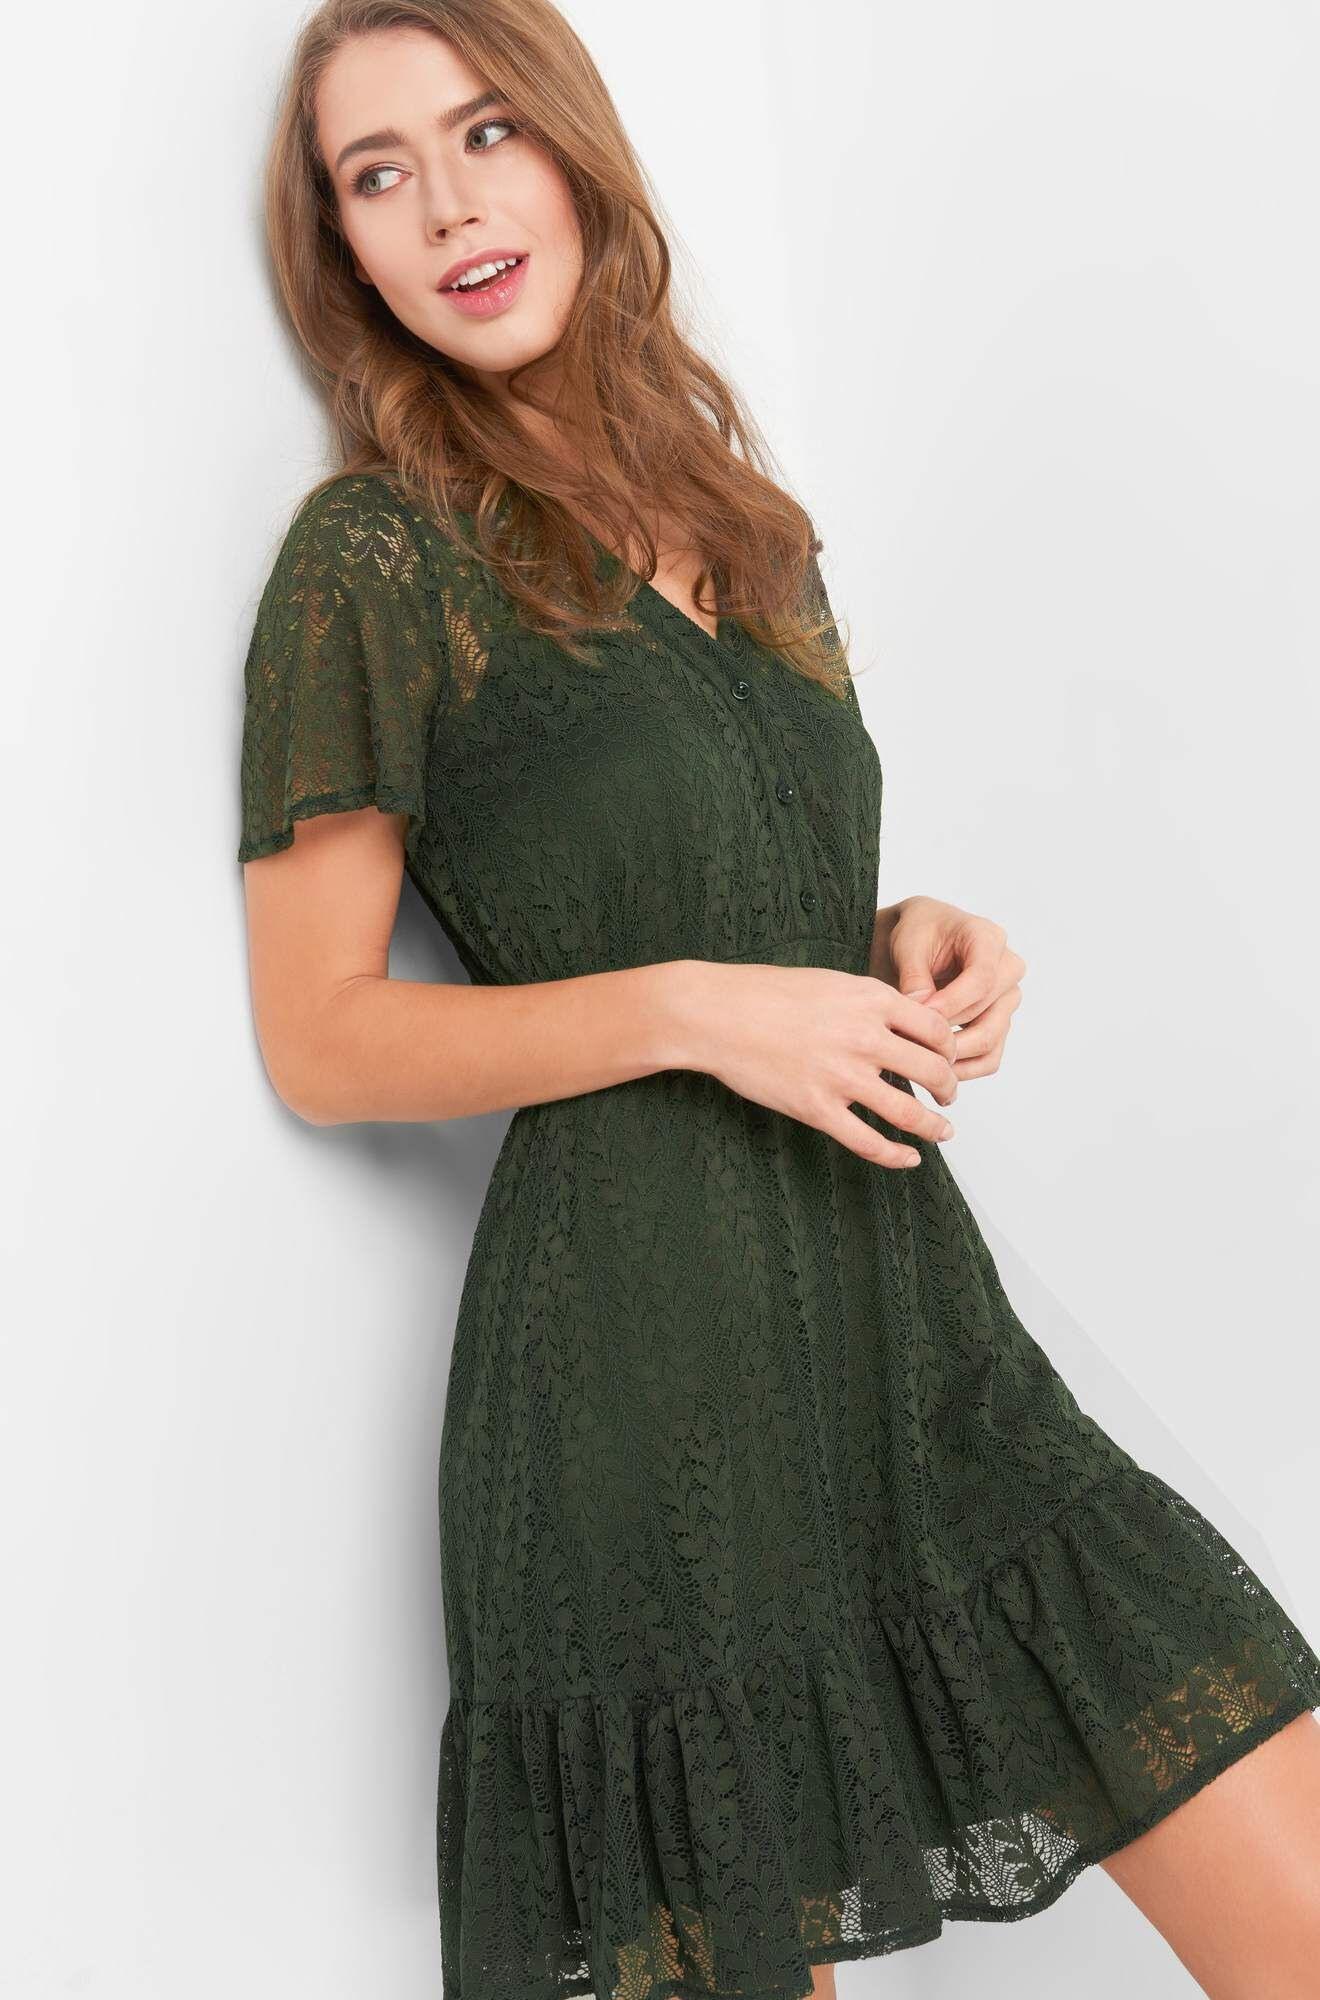 12 Einfach Kleider Kaufen Online Boutique - Abendkleid